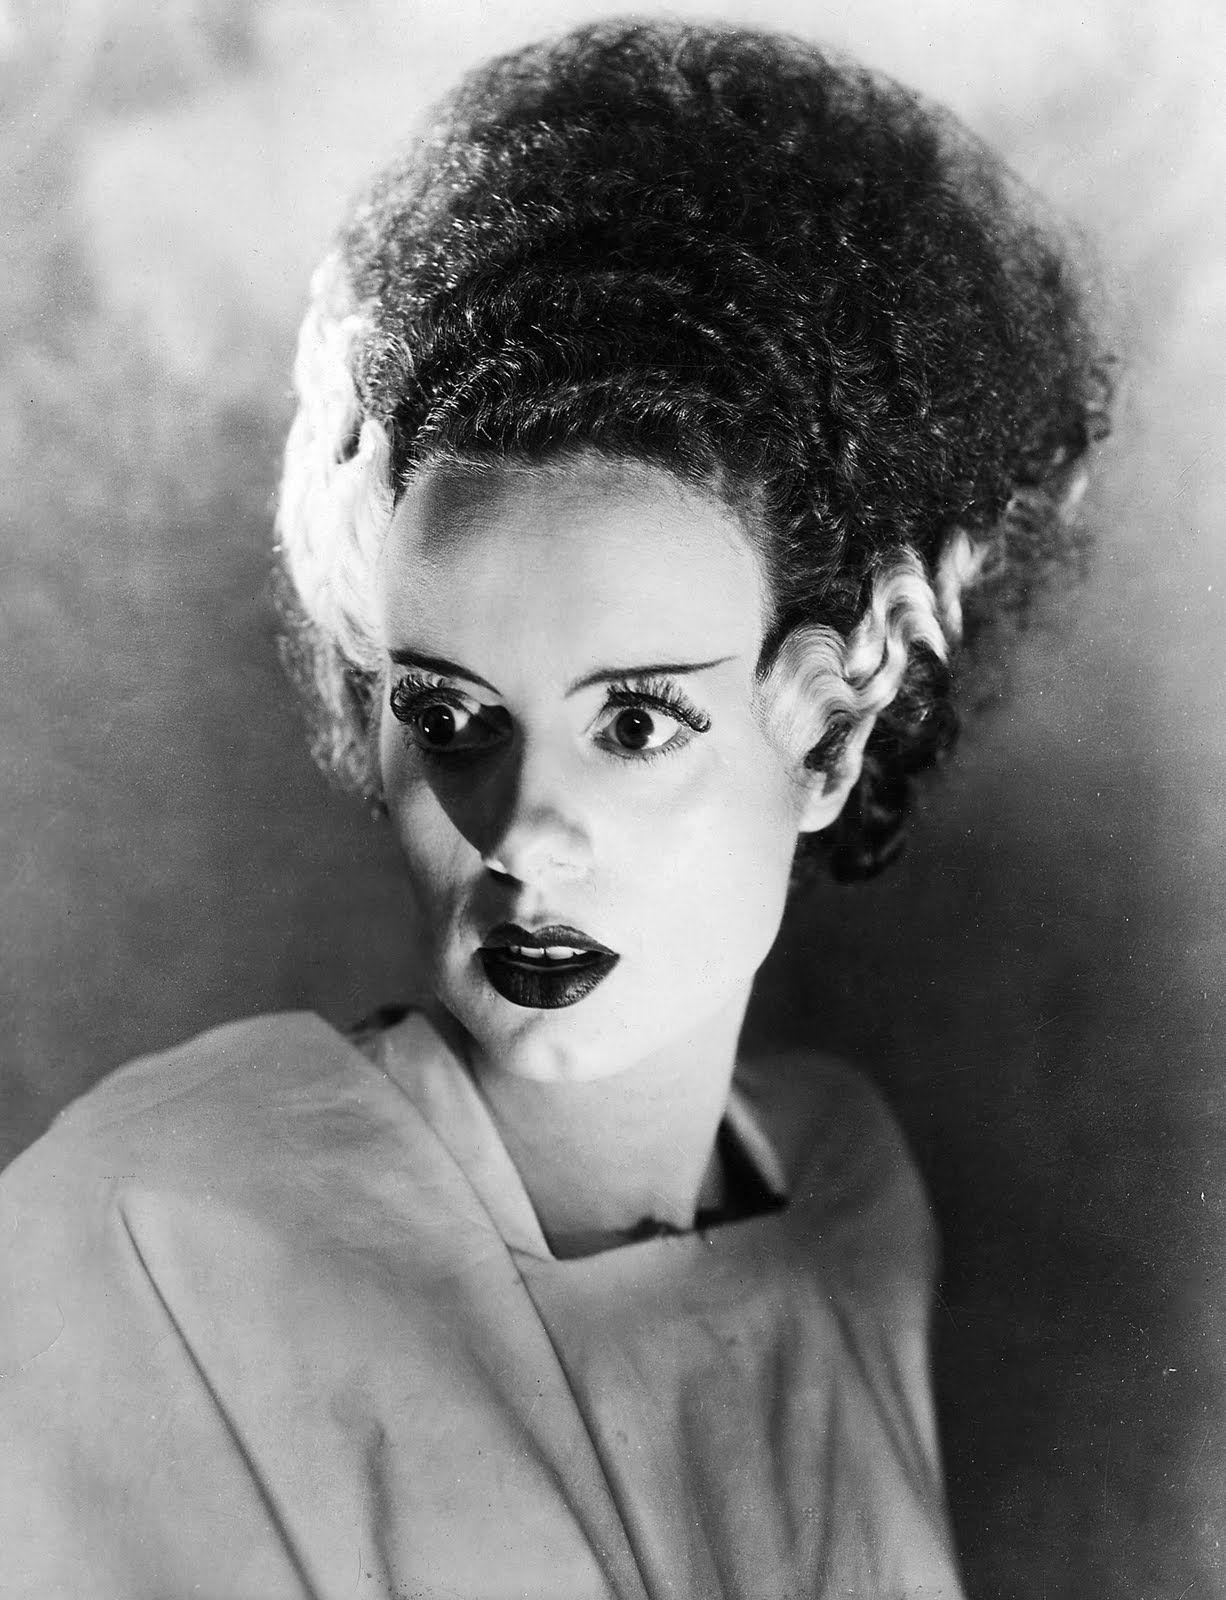 La novia de Frankenstein | Halloween! | Pinterest | La novia de ...